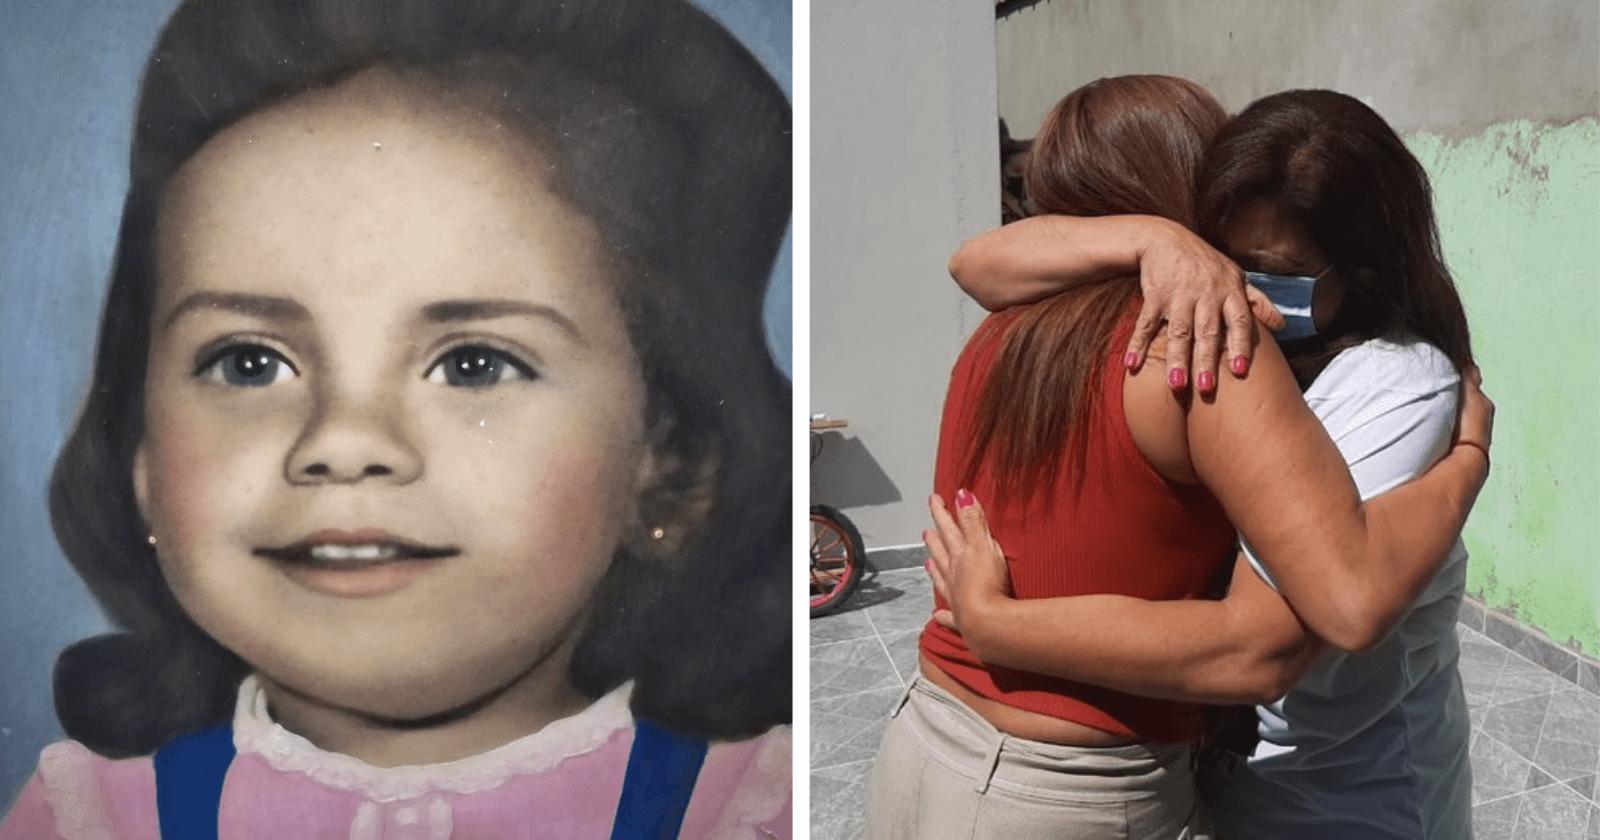 EMOCIONANTE: Adotadas na maternidade, gêmeas se reencontram depois de 53 anos separadas